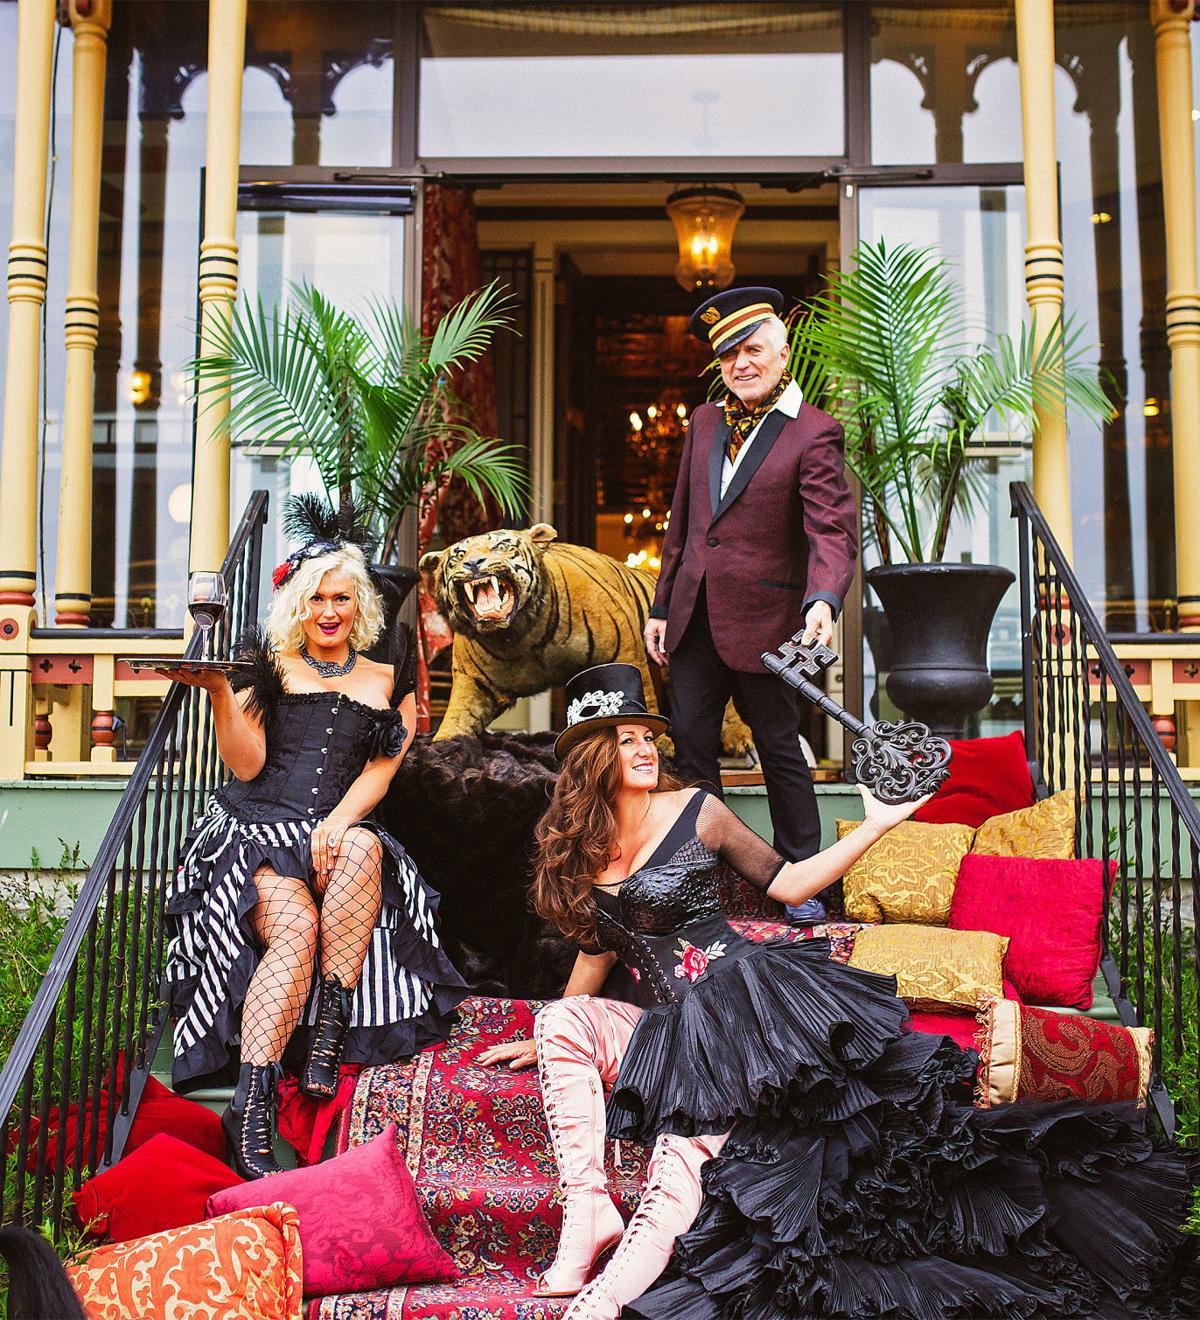 Masquerade Ball for Community Calendar